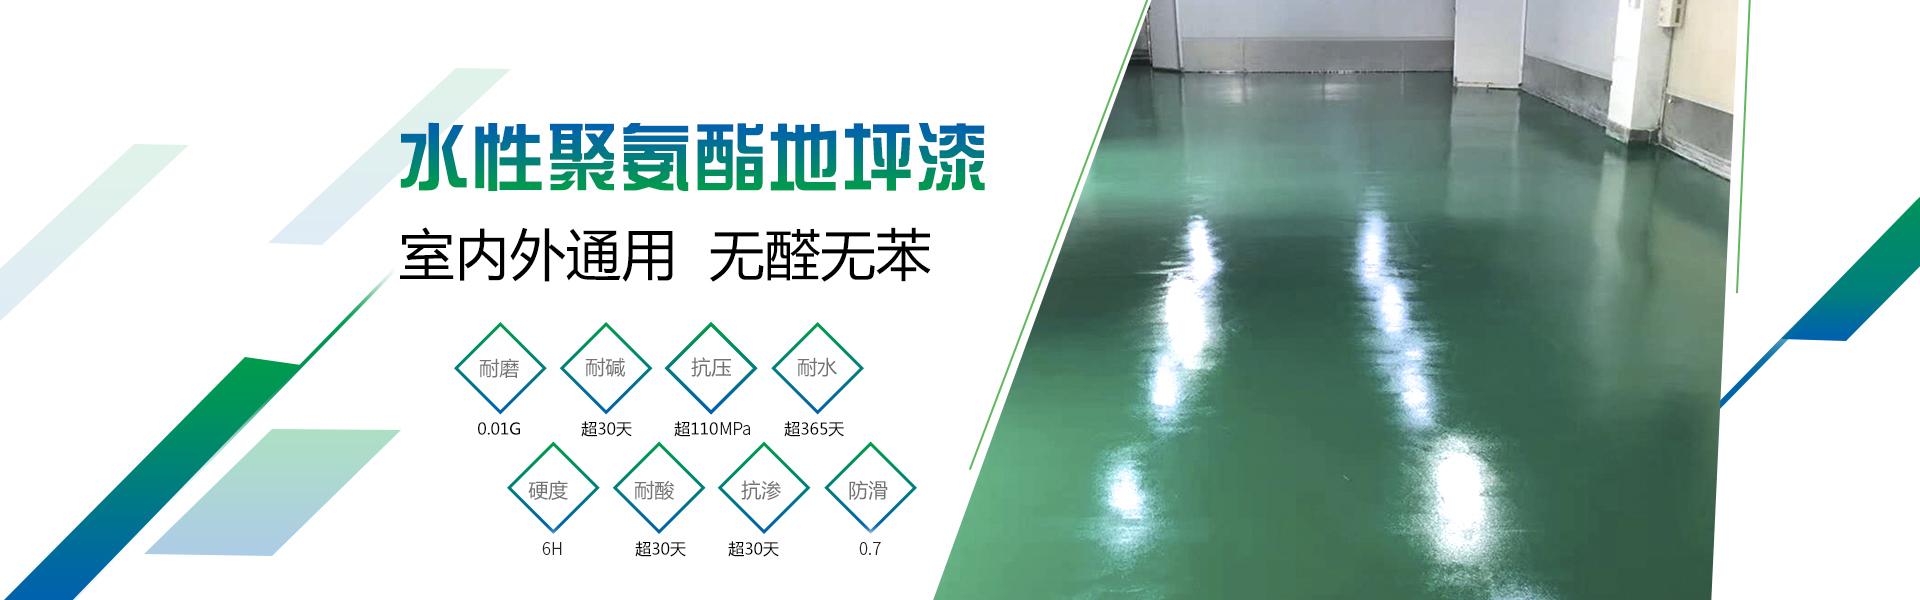 中思诺地坪主营水性地坪漆,密封固化剂,地坪染色剂,全国招募代理商。